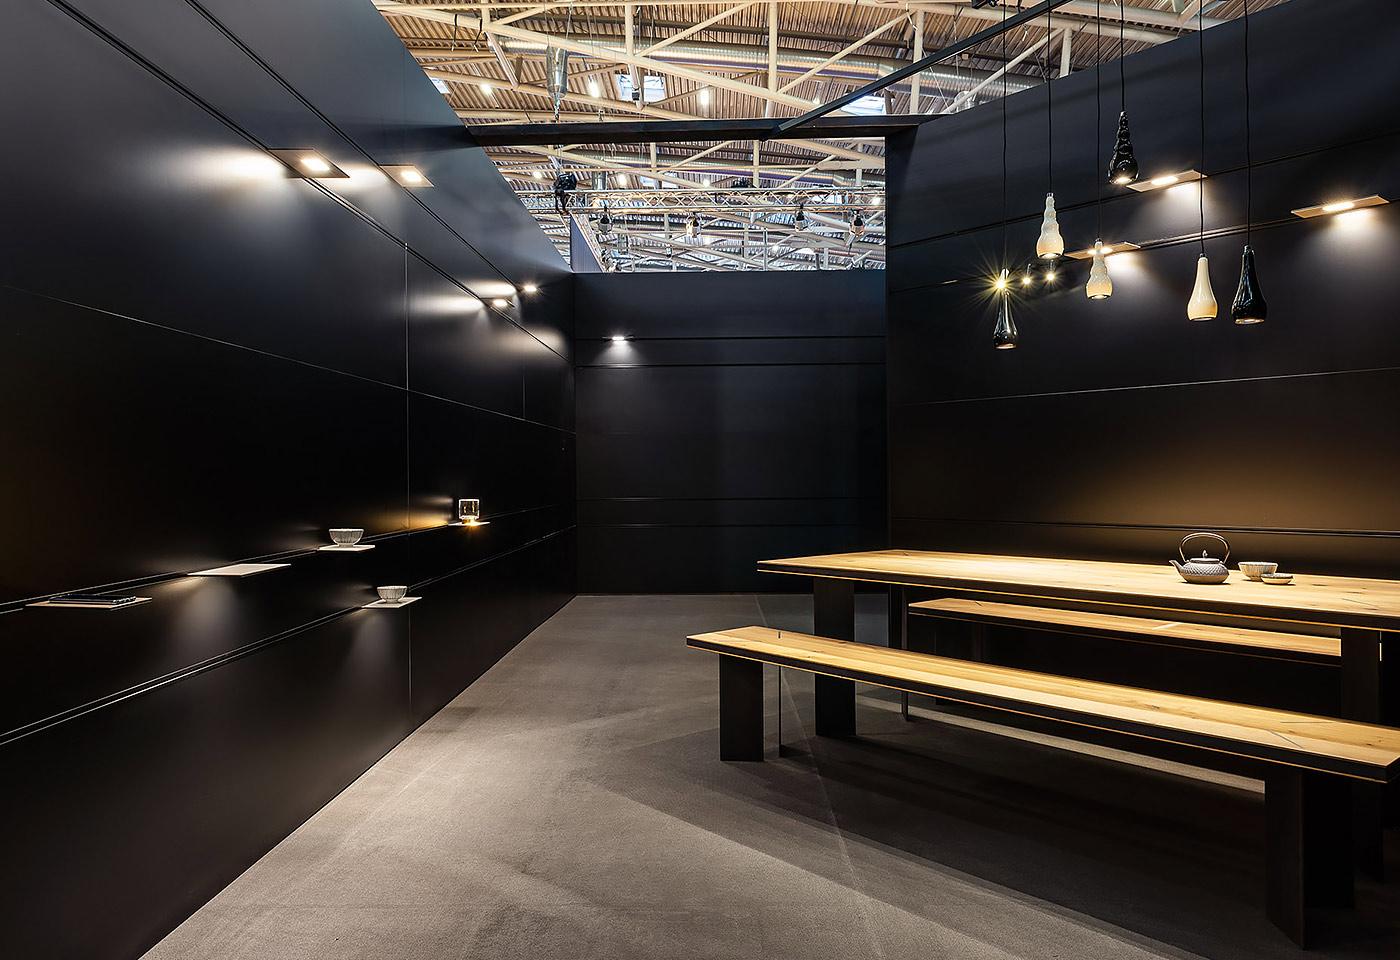 Die Panelwand ermöglicht eine gesamtheitliche Gestaltung. Dabei sind Licht und Strom wichtige Faktoren. Somit erscheint der gesamte Raum in eine einheitliche Lichtatmosphäre.